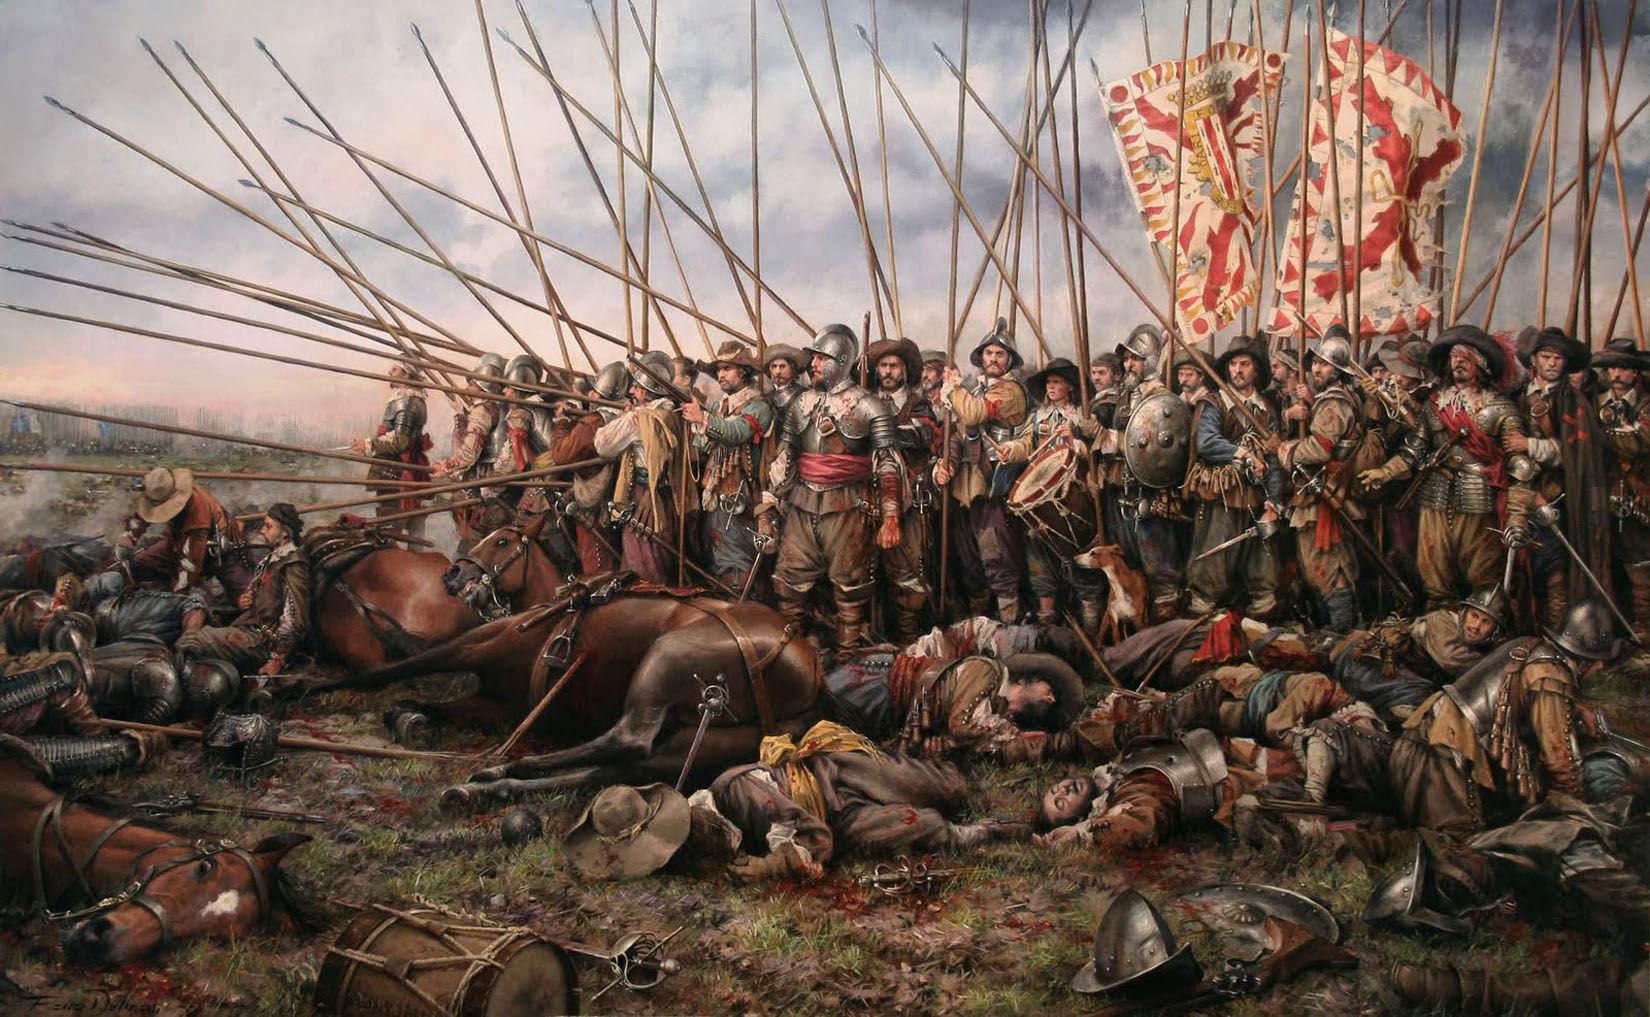 La Batalla de Rocroi es muy conocida por ser el principio del declive de los Tercios Españoles pero, ¿a qué guerra pertenece?